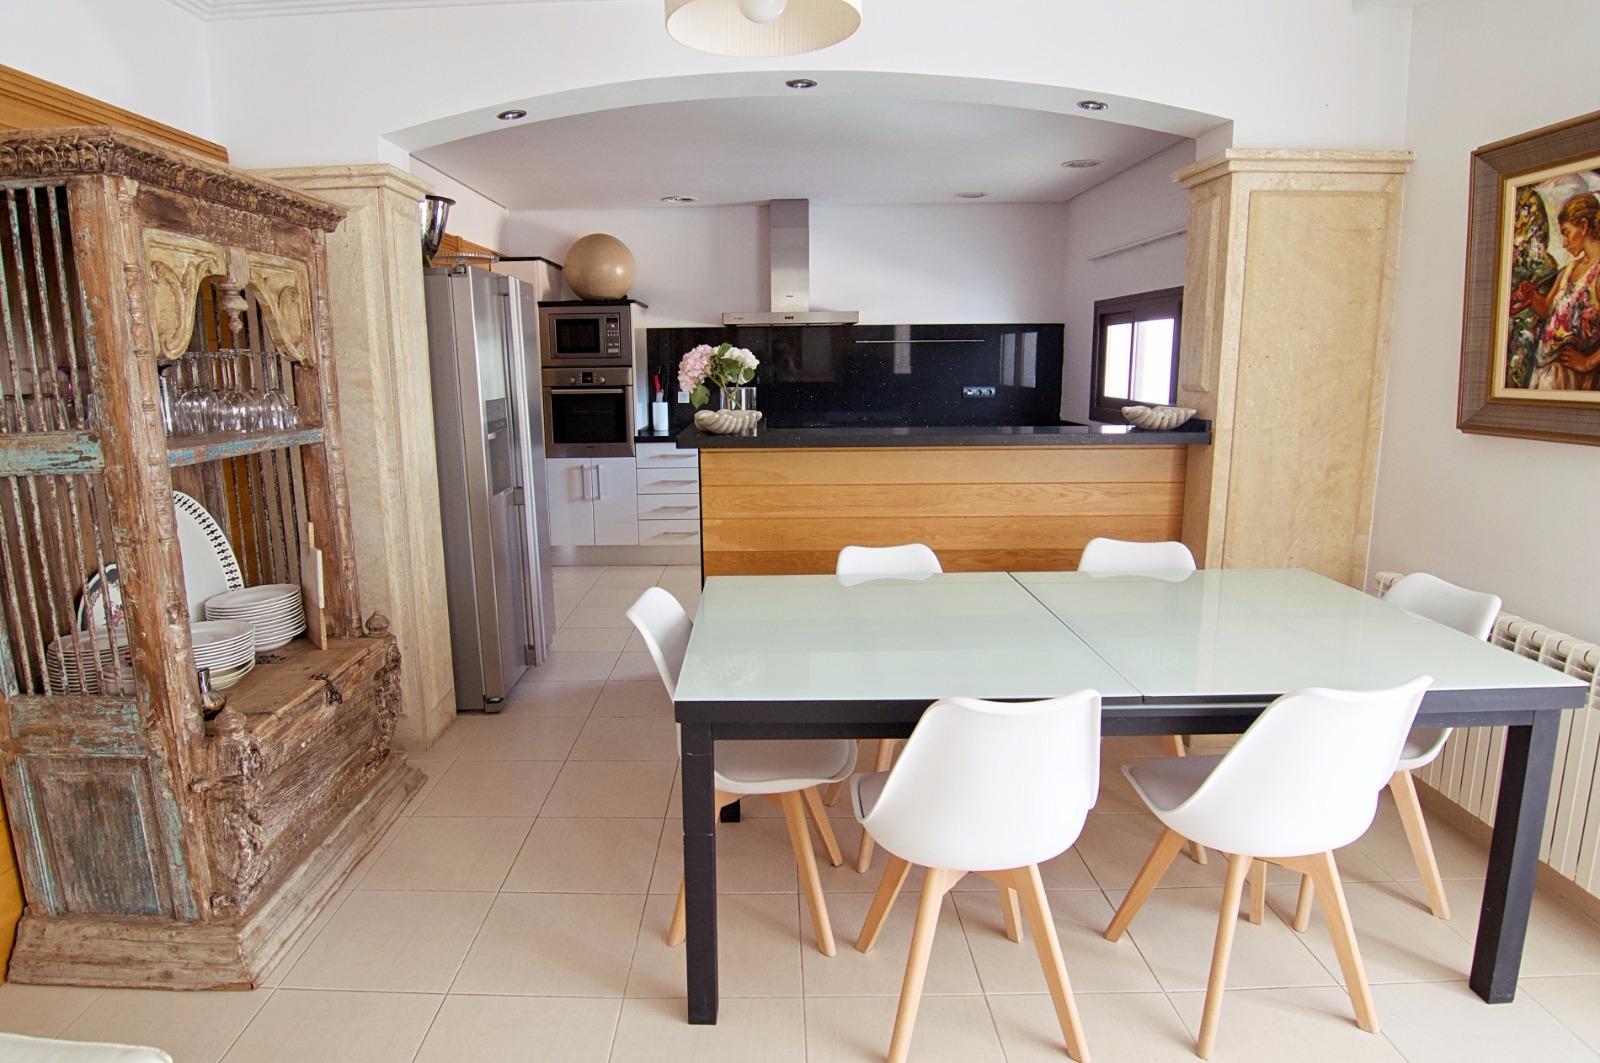 405 villa armonia1cfb81aa-4d89-49fc-baf8-4de60e64e124